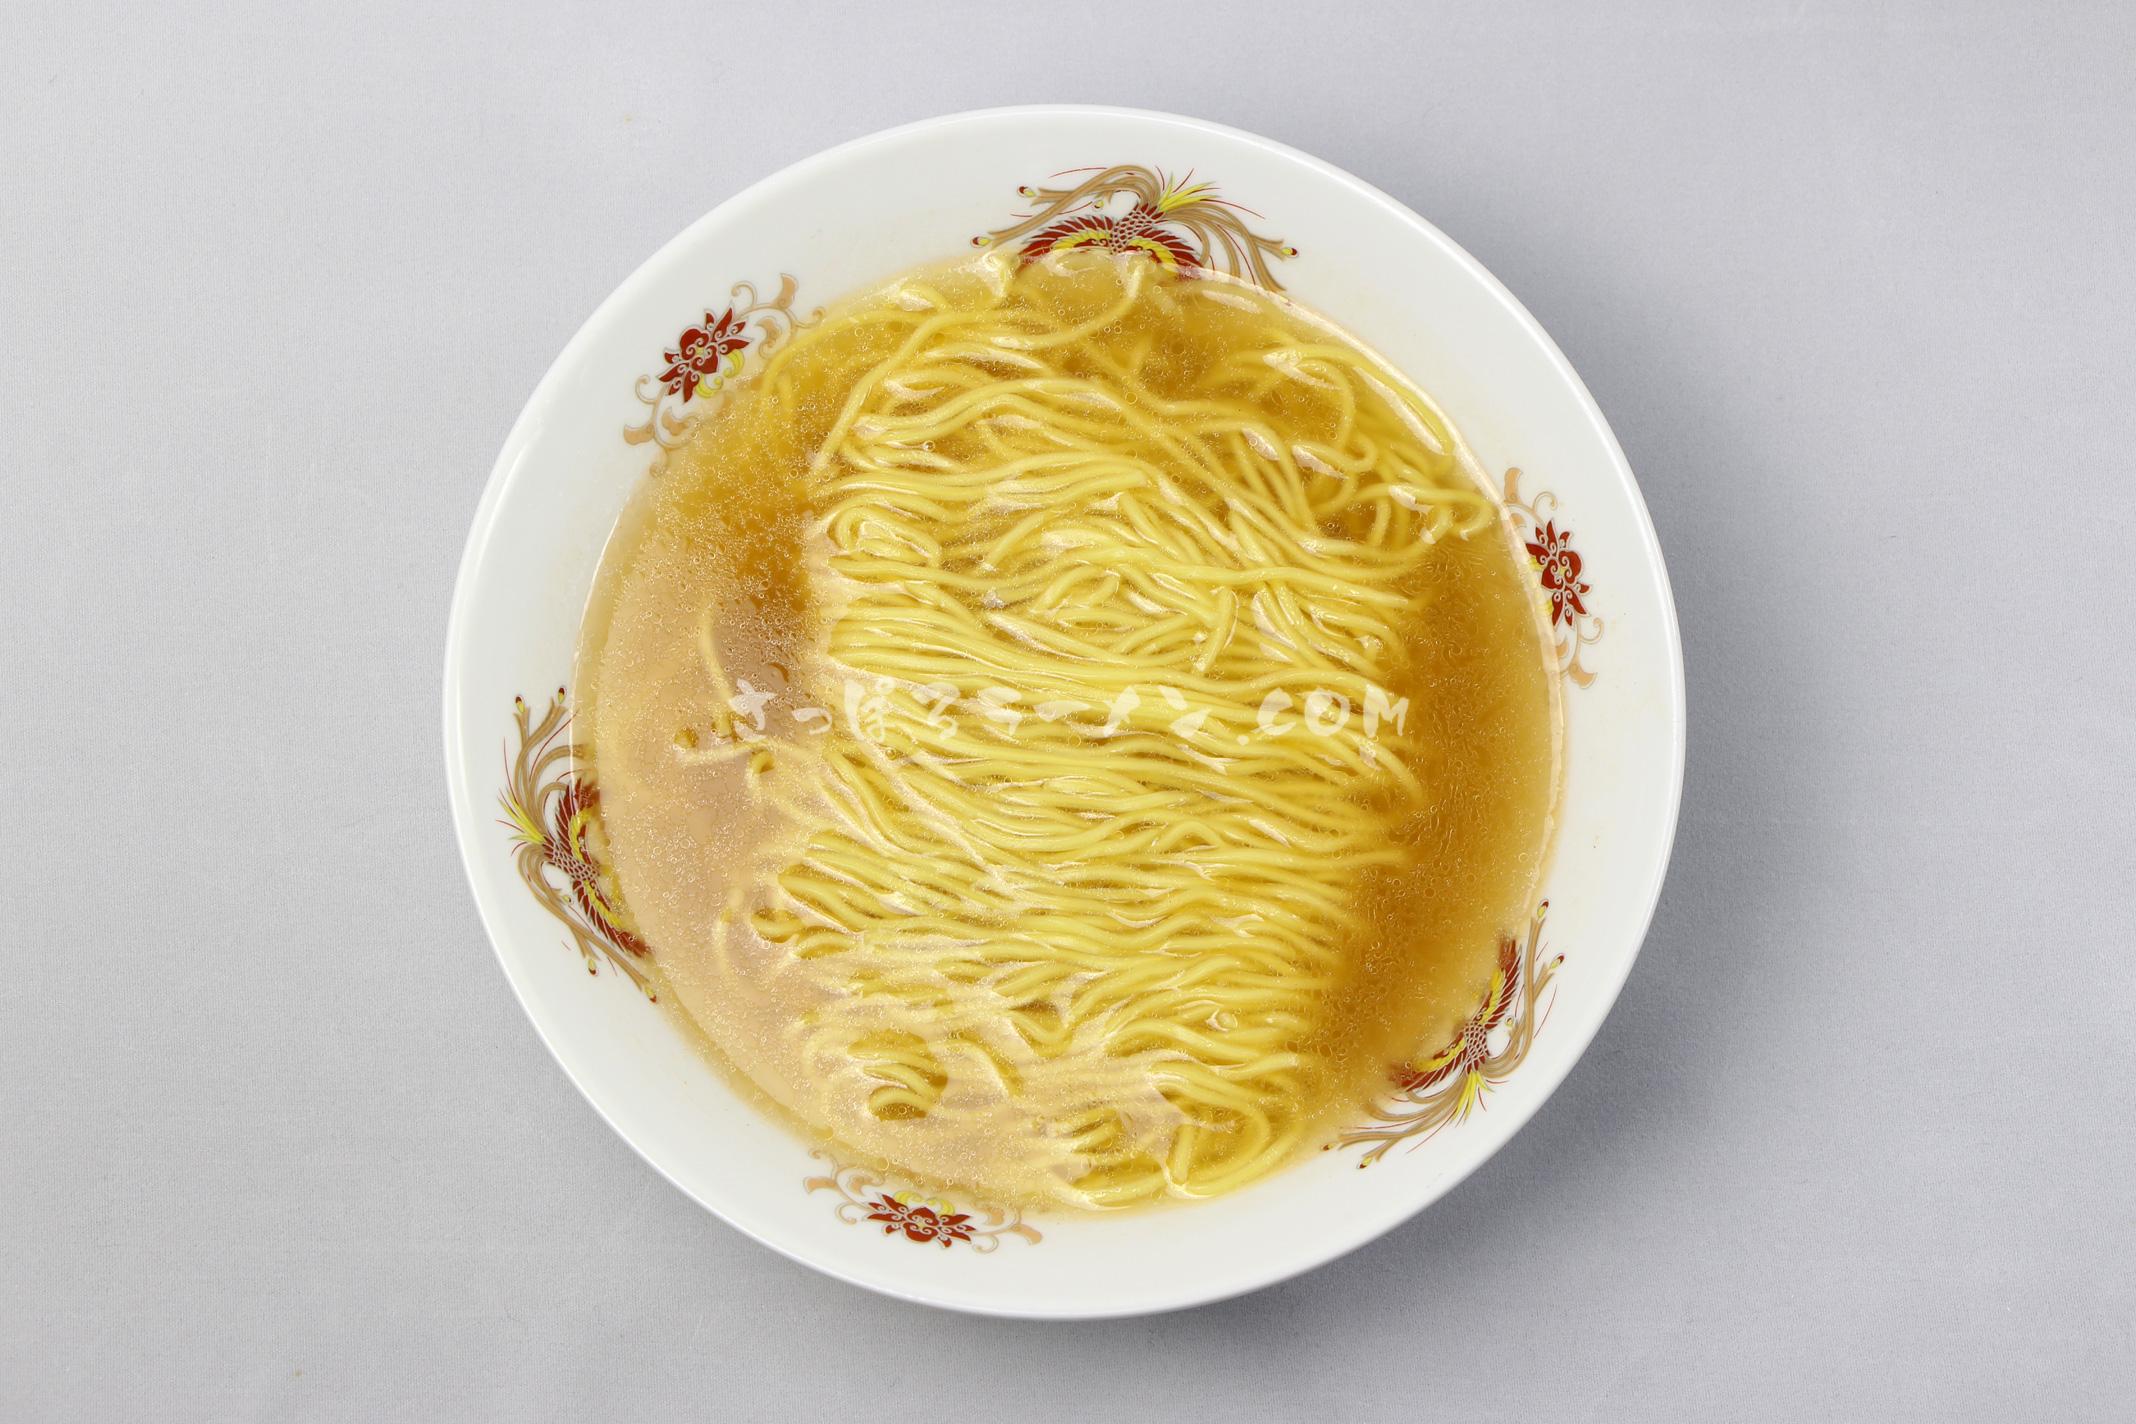 「本場北海道 えびラーメン 塩」(藤原製麺)の完成画像